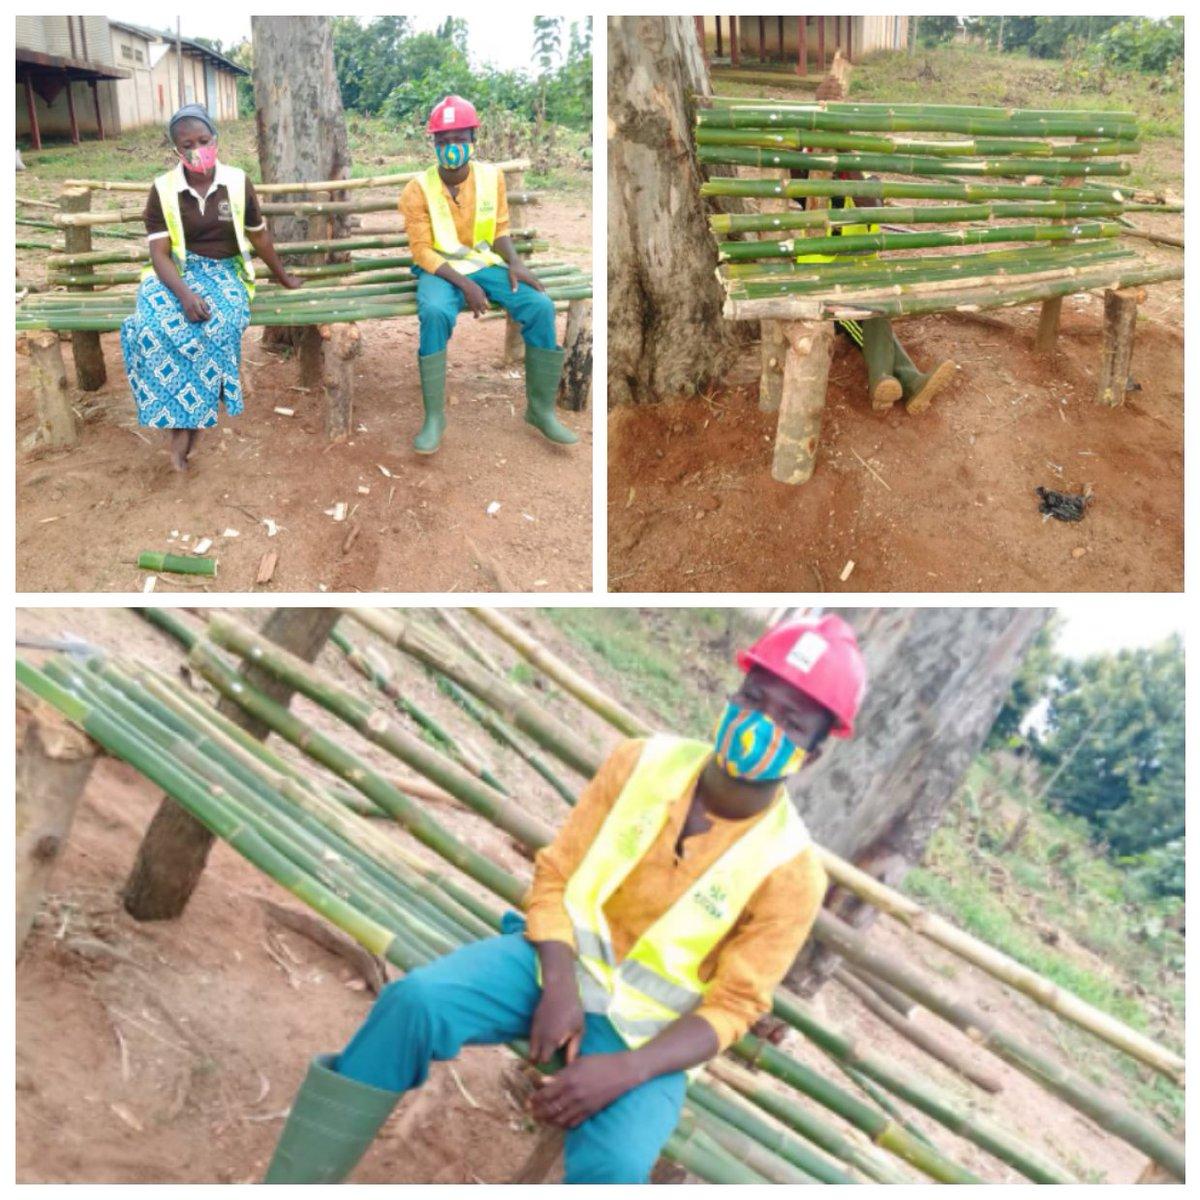 Ce 29 juillet, les VEC de  kaboli ont fabriqué des reposoirs à la mairie.  3 reposoirs ont été fabriqués avec des bambous, ceci pour permettre d'accueillir les visiteurs.  #VEC #JeMengage #CRVCentrale #ANVT https://t.co/6nq1rum6FZ